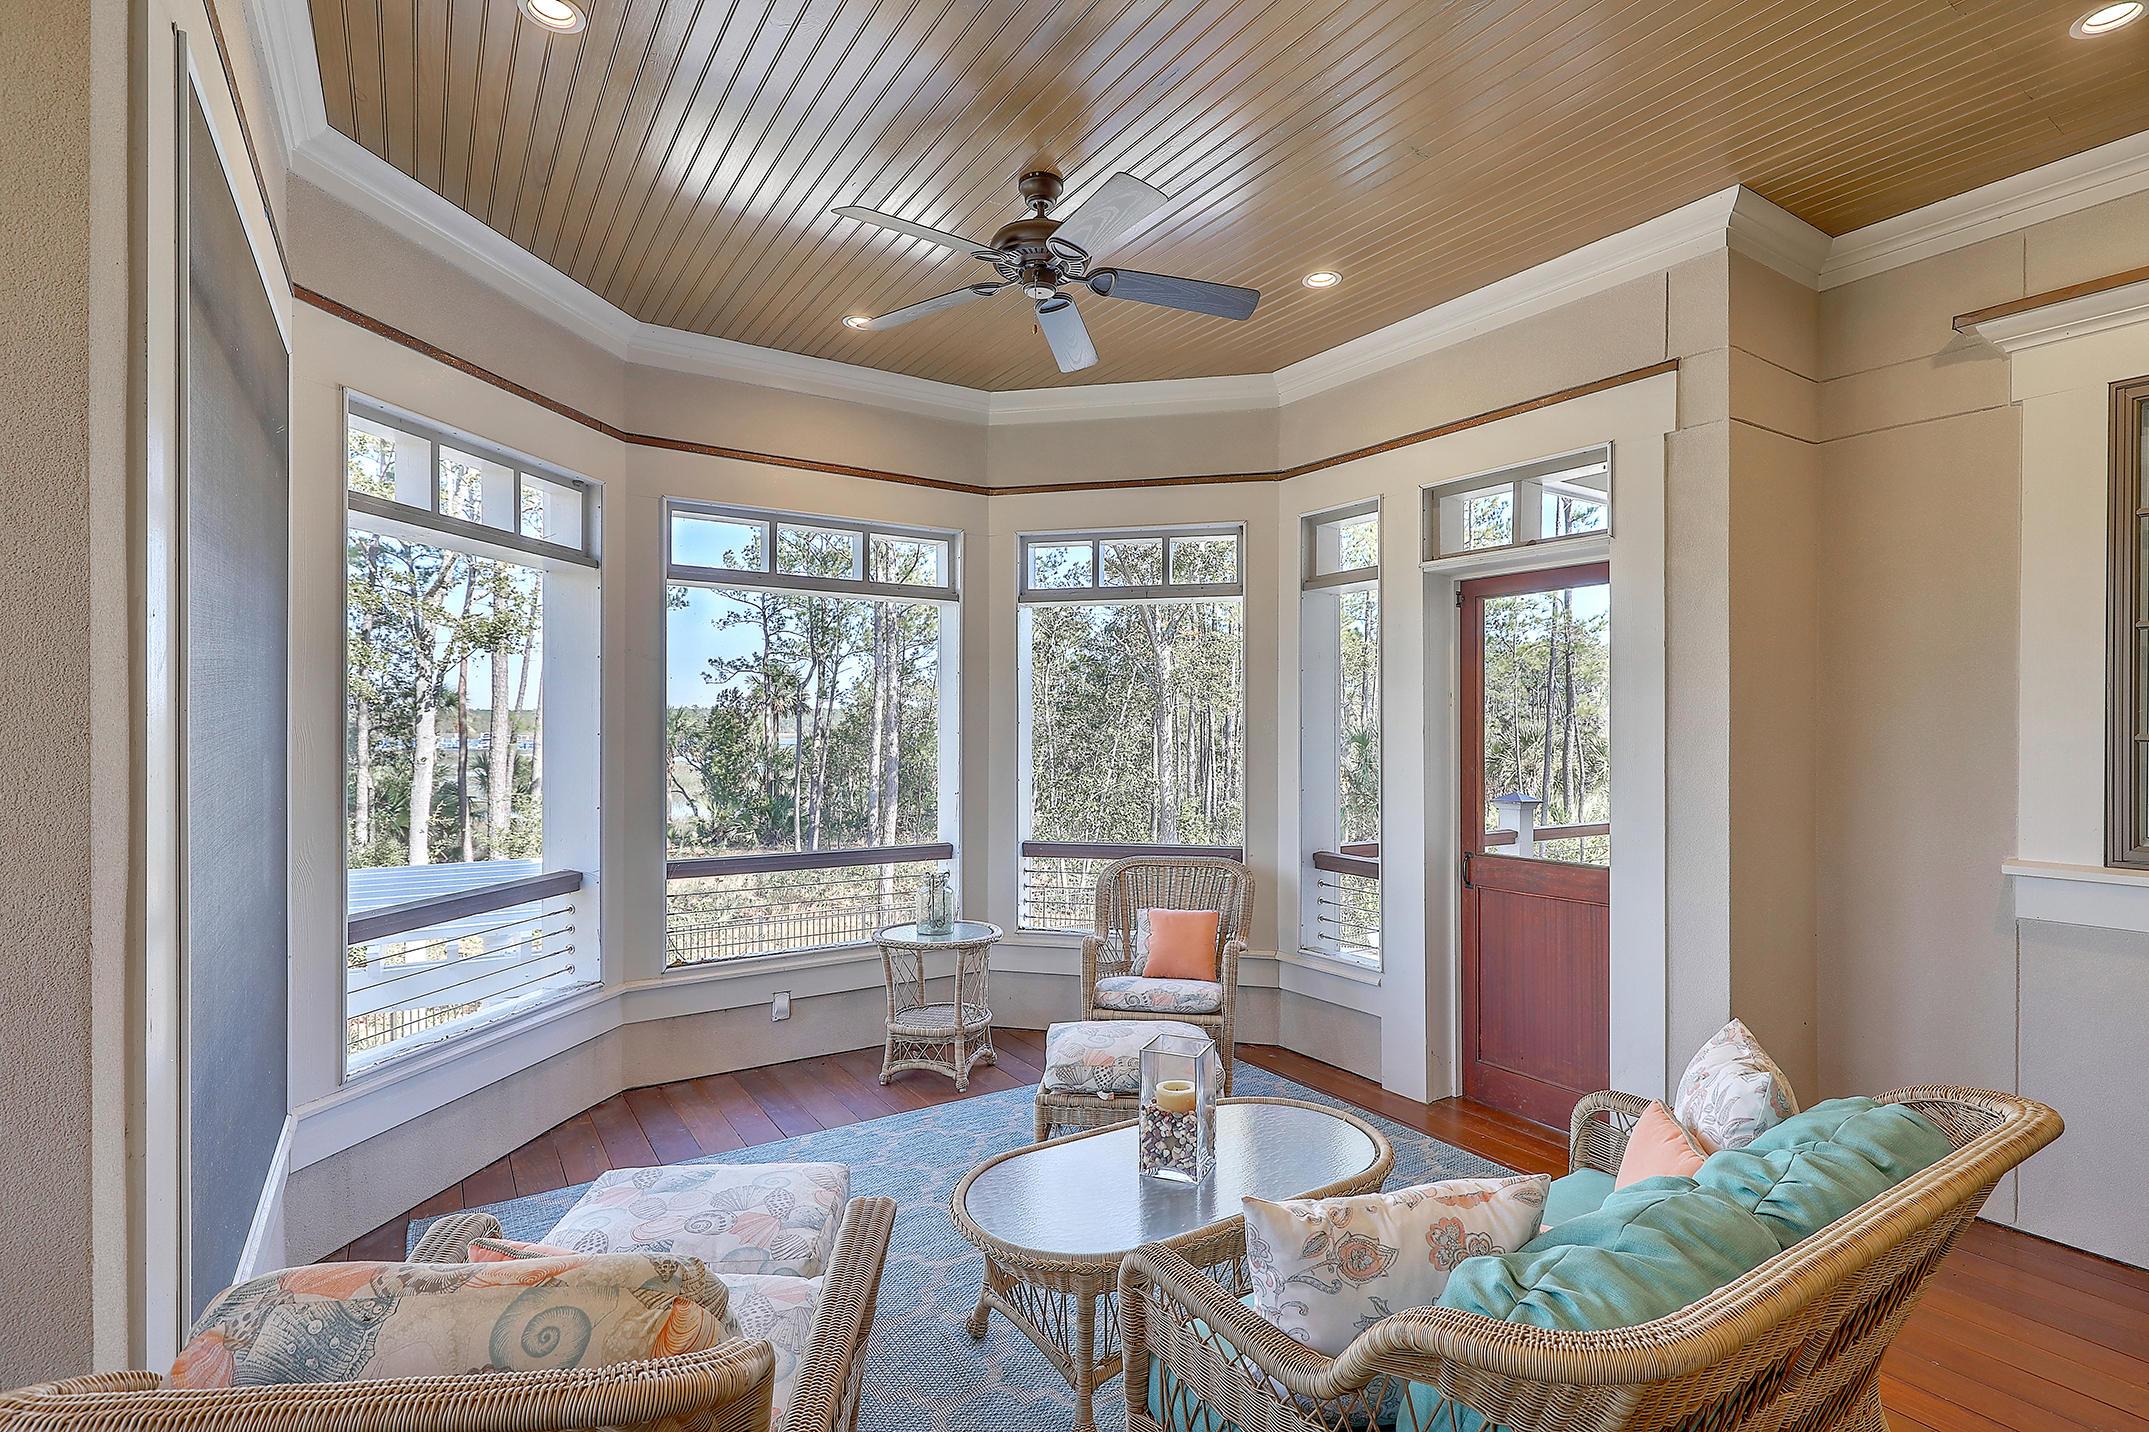 Park West Homes For Sale - 3905 Ashton Shore, Mount Pleasant, SC - 68